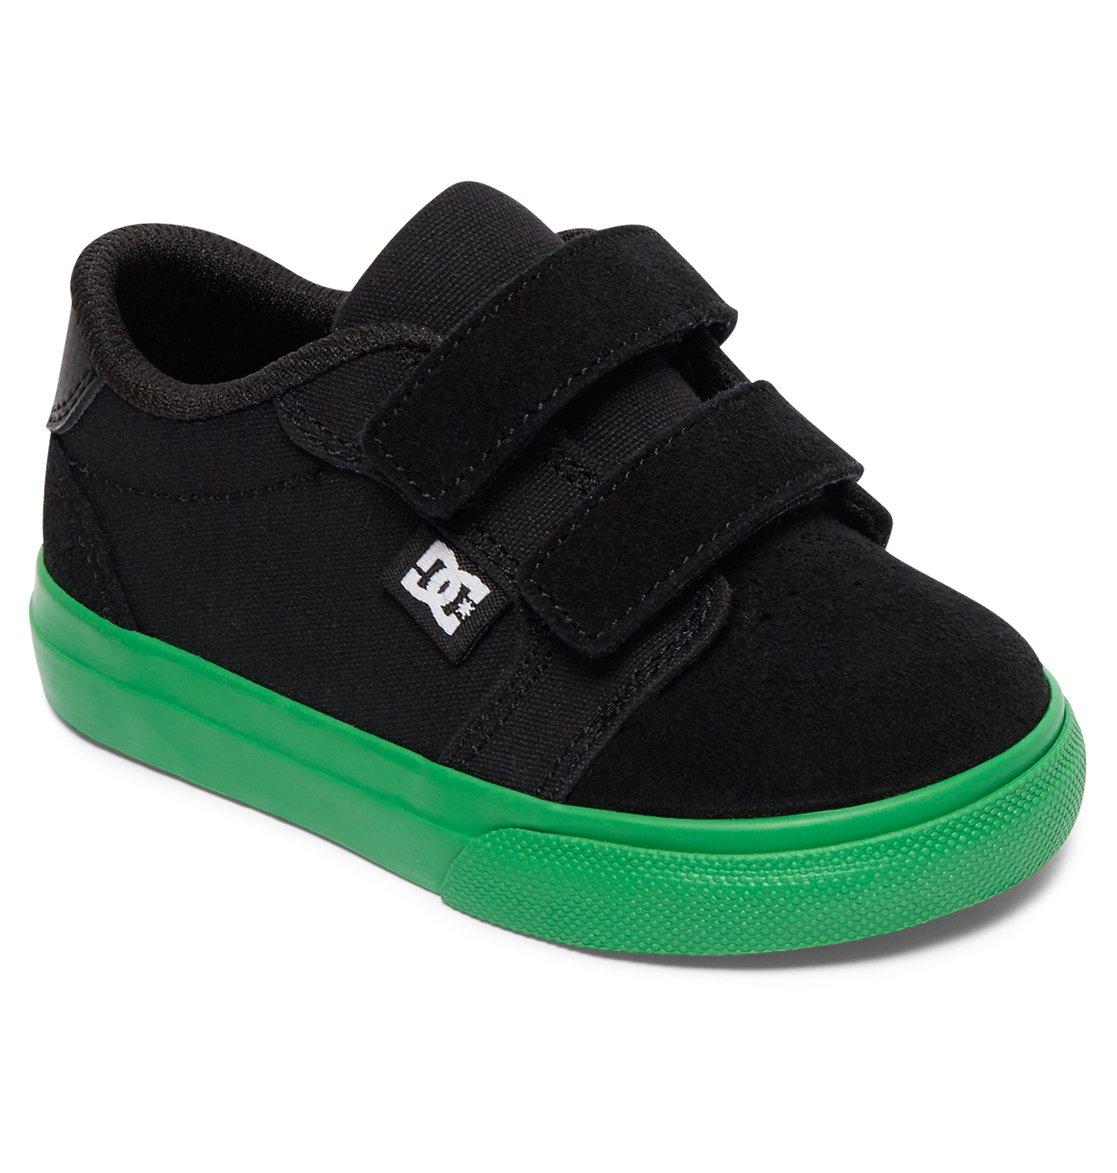 Shoes Toddler Anvil Adts